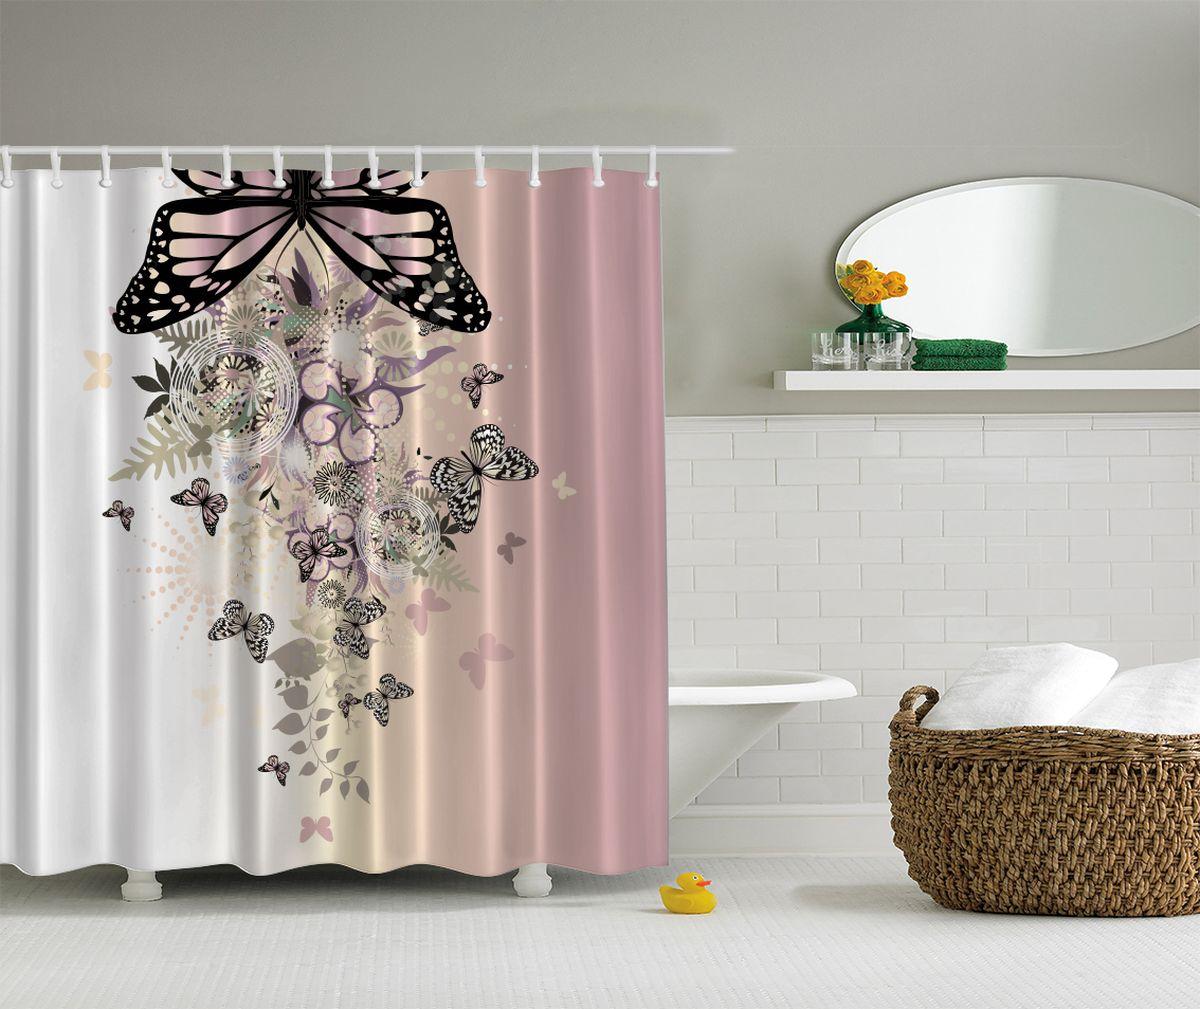 Штора для ванной комнаты Magic Lady Стая бабочек, 180 х 200 смV4140/1SКомпания Сэмболь изготавливает шторы из высококачественного сатена (полиэстер 100%). При изготовлении используются специальные гипоаллергенные чернила для прямой печати по ткани, безопасные для человека и животных. Экологичность продукции Magic lady и безопасность для окружающей среды подтверждены сертификатом Oeko-Tex Standard 100. Крепление: крючки (12 шт.). Внимание! При нанесении сублимационной печати на ткань технологическим методом при температуре 240 С, возможно отклонение полученных размеров, указанных на этикетке и сайте, от стандартных на + - 3-5 см. Мы стараемся максимально точно передать цвета изделия на наших фотографиях, однако искажения неизбежны и фактический цвет изделия может отличаться от воспринимаемого по фото. Обратите внимание! Шторы изготовлены из полиэстра сатенового переплетения, а не из сатина (хлопок). Размер шторы 180*200 см. В комплекте 1 штора и 12 крючков.